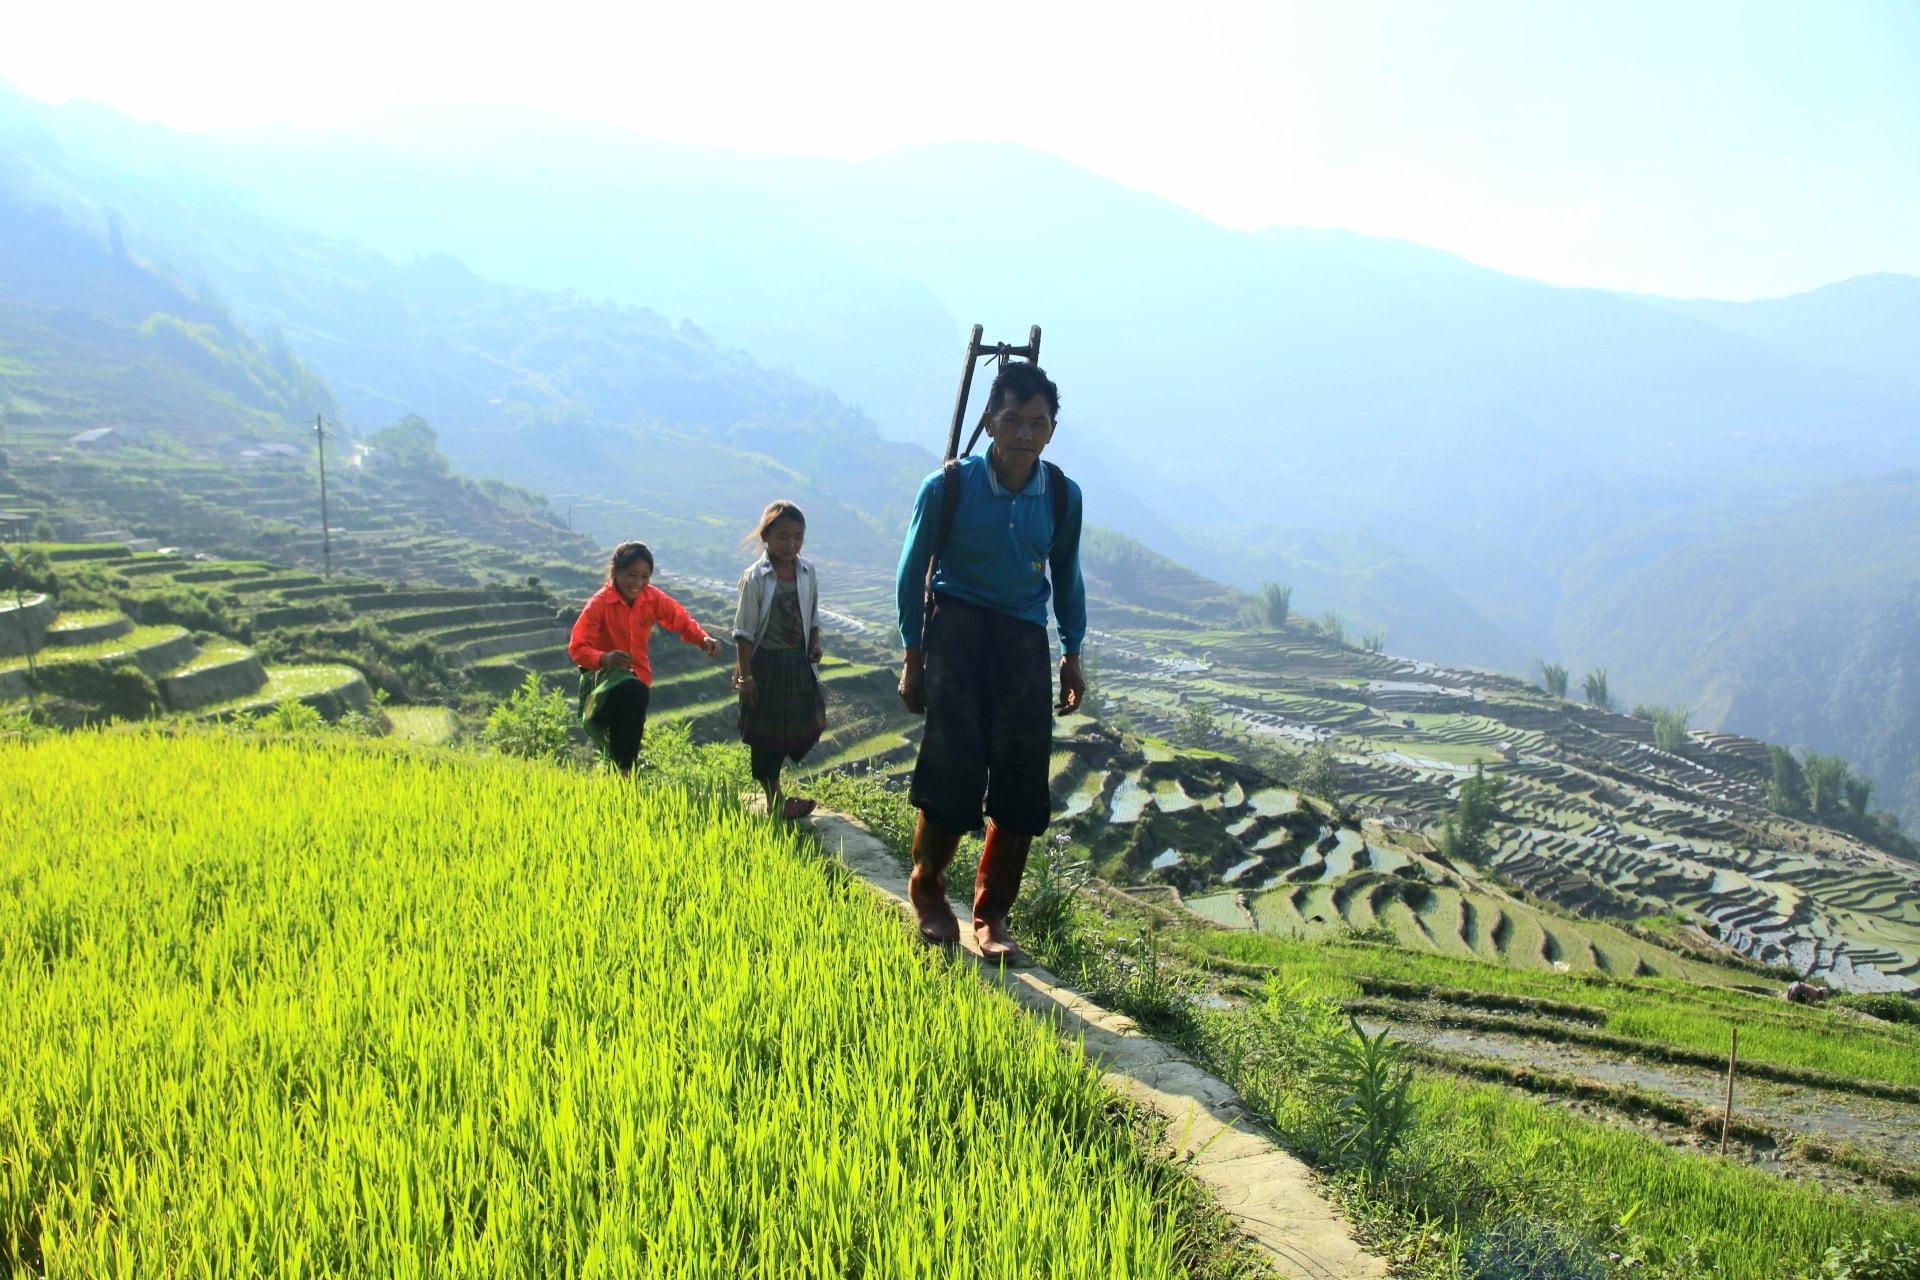 Mu-cang-chai-sapa-mua-nuoc-do-diem-den-an-toan-sau-mua-dich-covid19-vietmountain-travel5